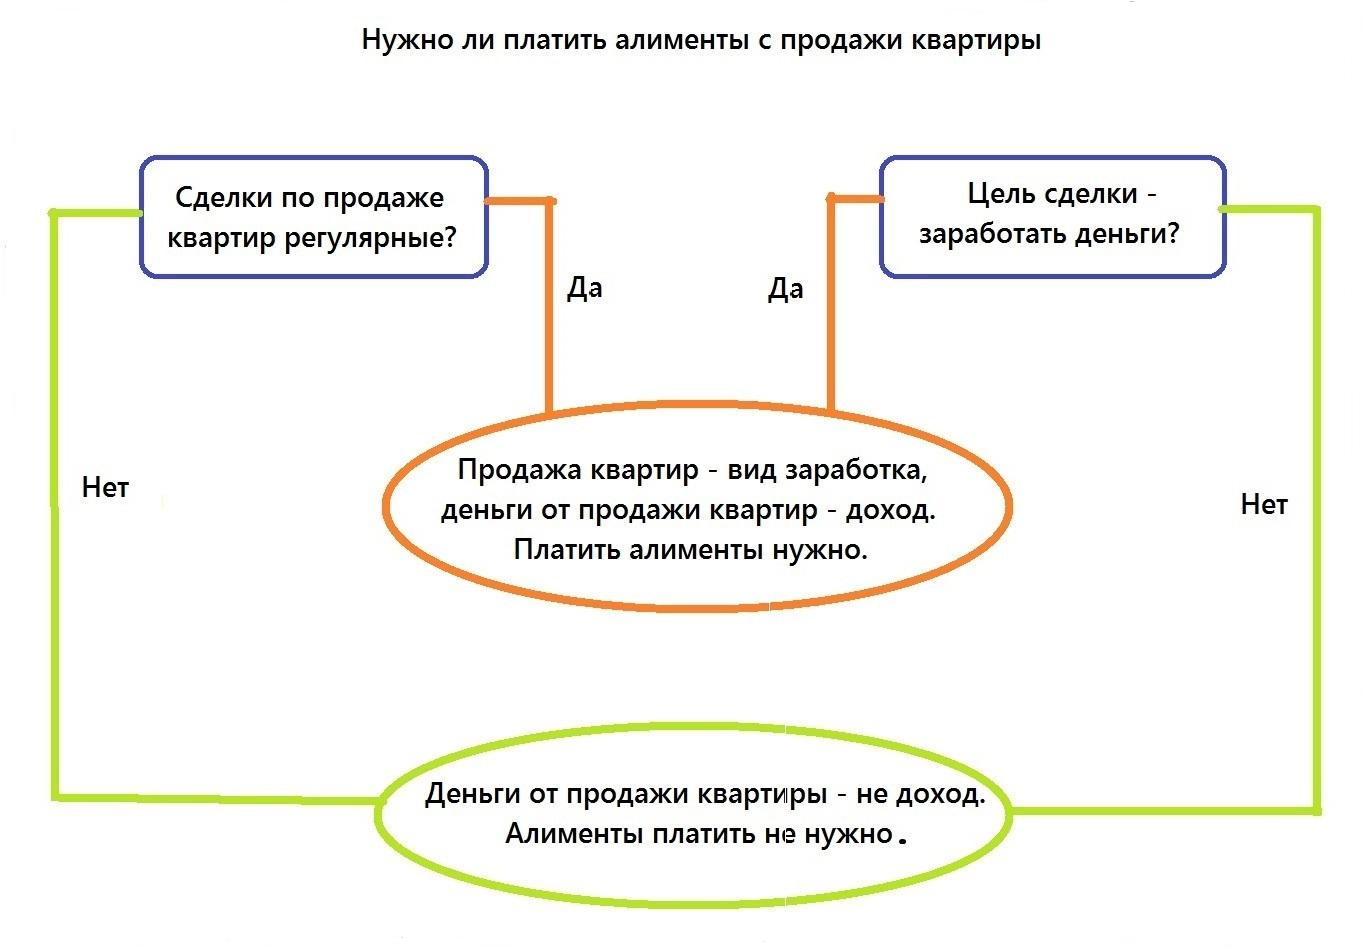 alimenty-s-prodazhi-kvartiry